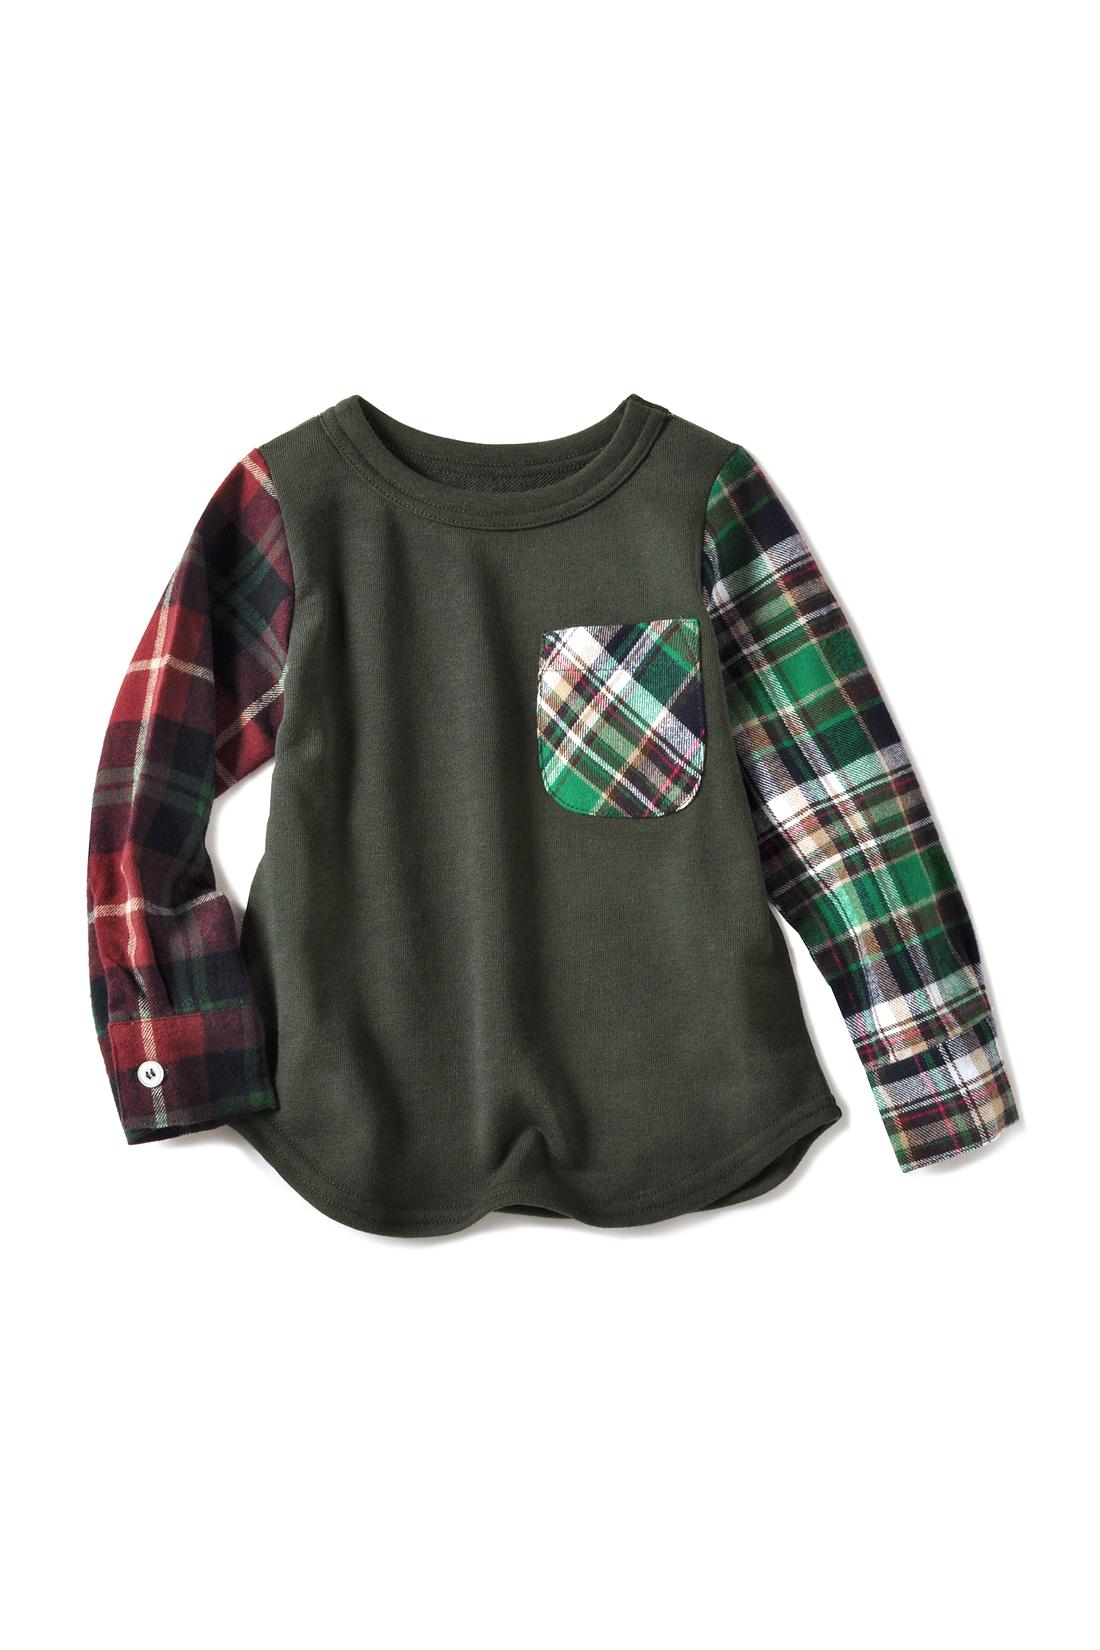 きちんとシャツ袖仕様でロールアップしてもかっこいい! スカートにもパンツにも相性抜群の丈感。すそのカーブがポイント。着るだけでおしゃれ。